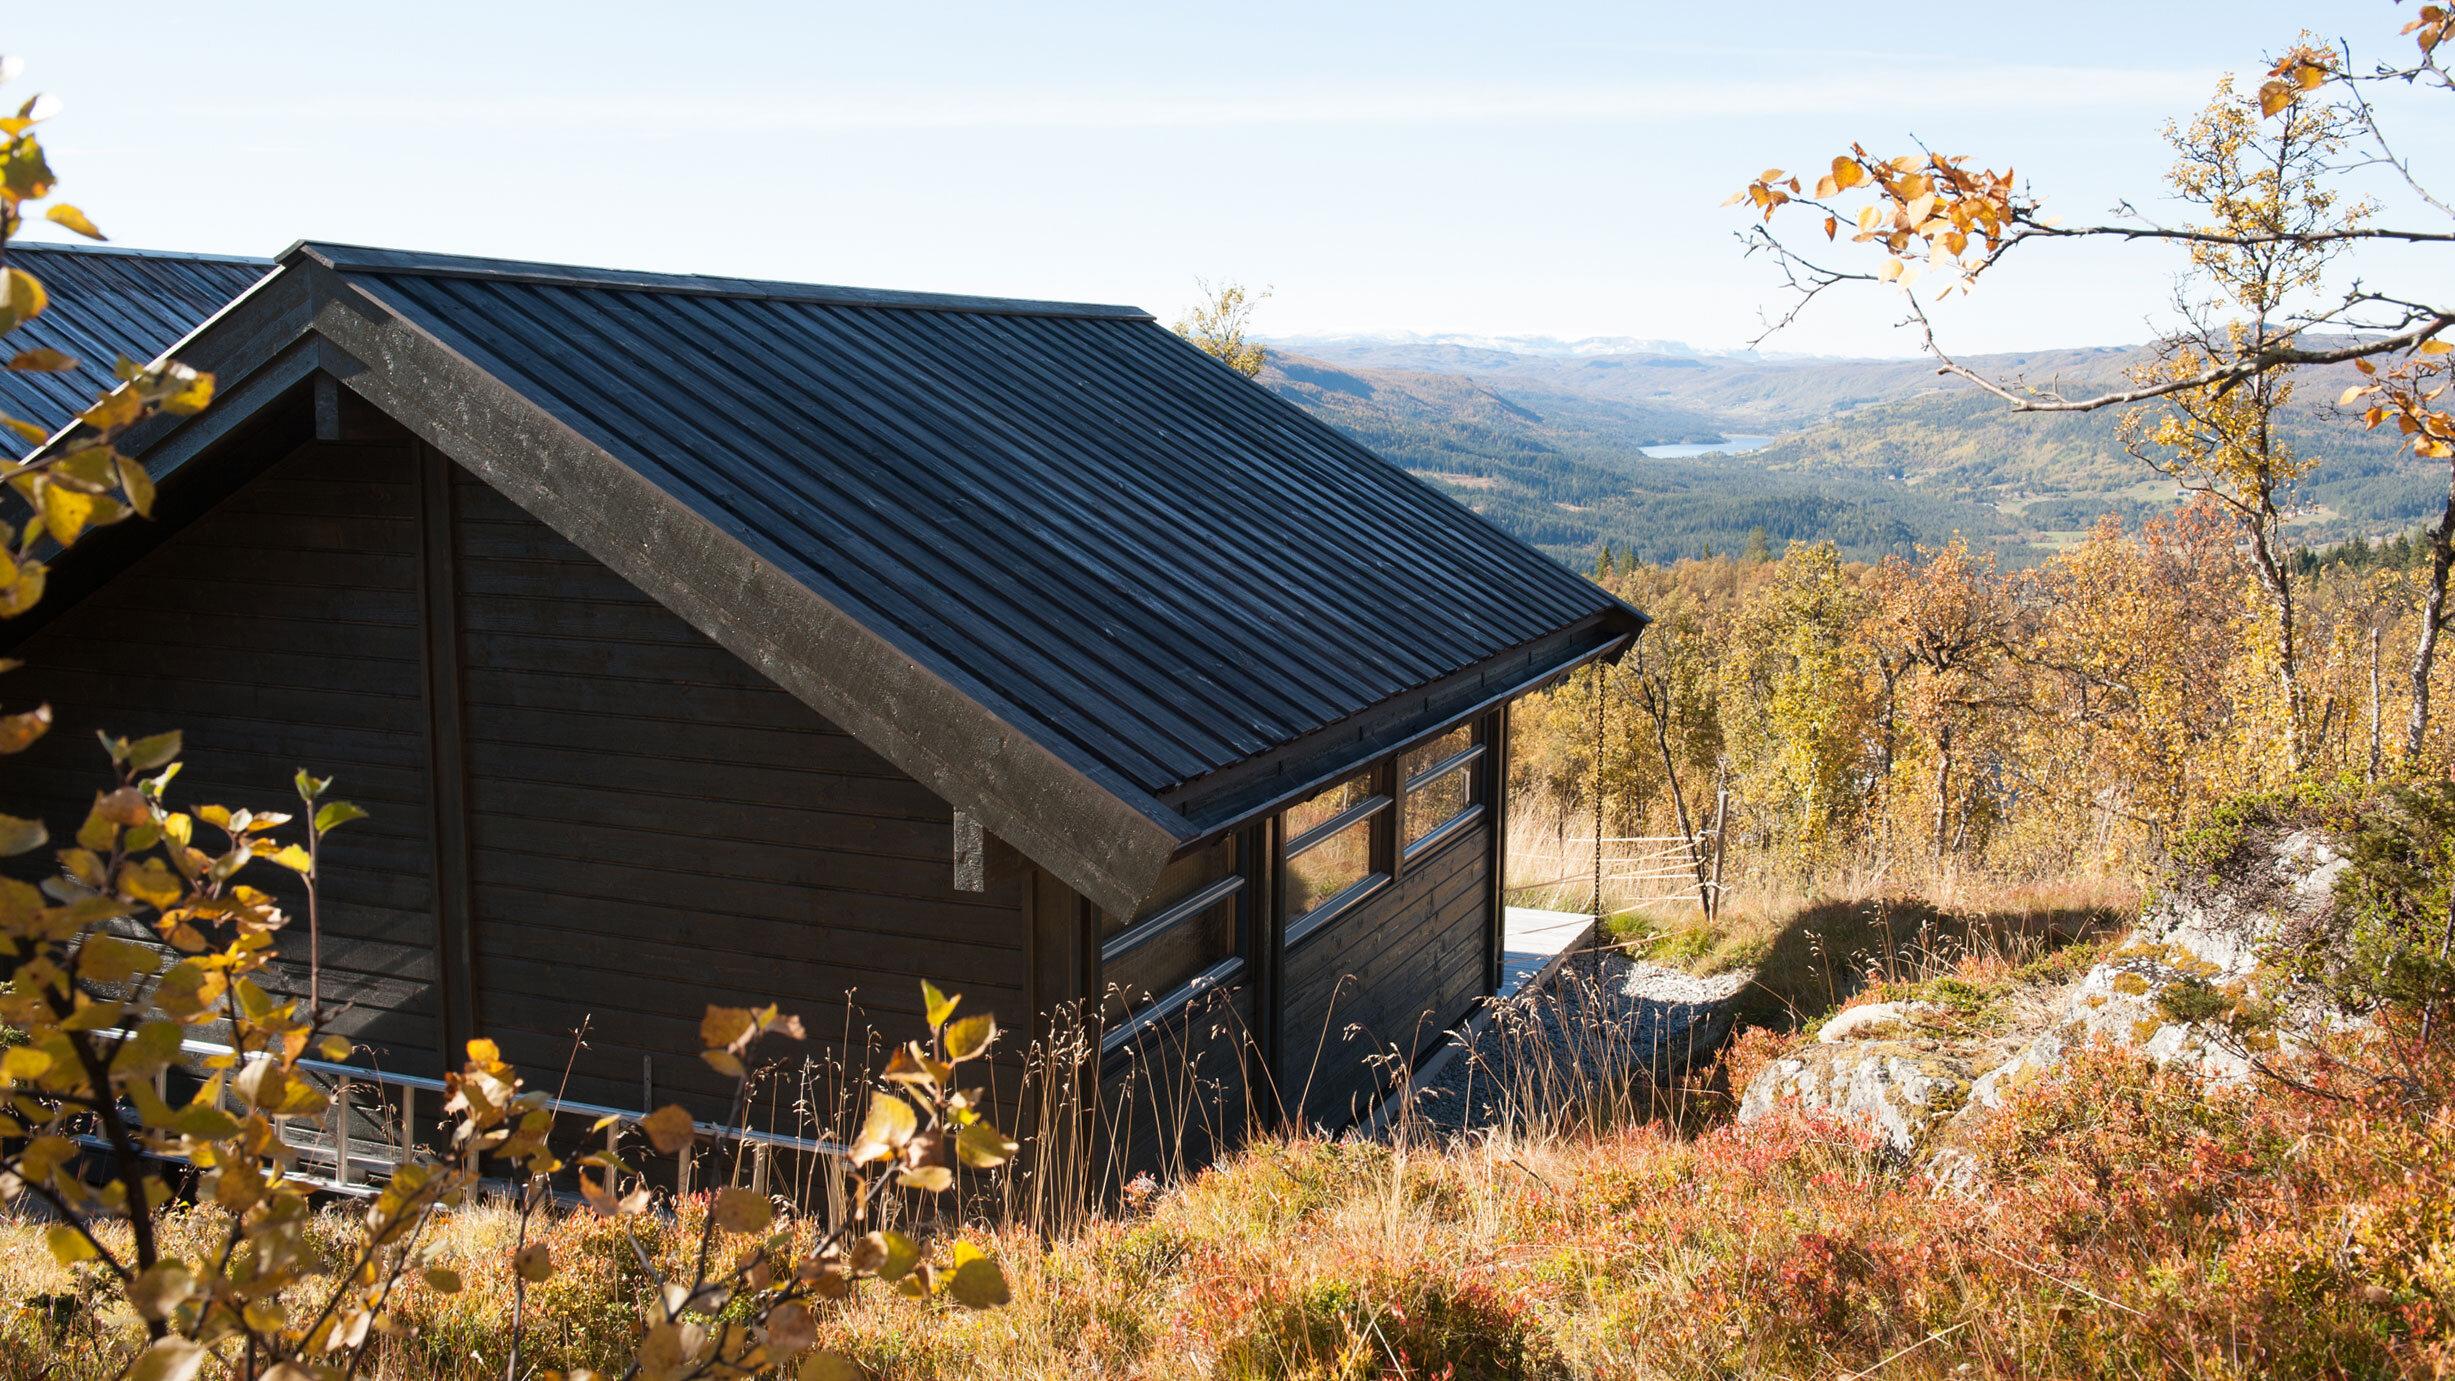 C15-mot-Vatsfjorden_SVA3883.jpg